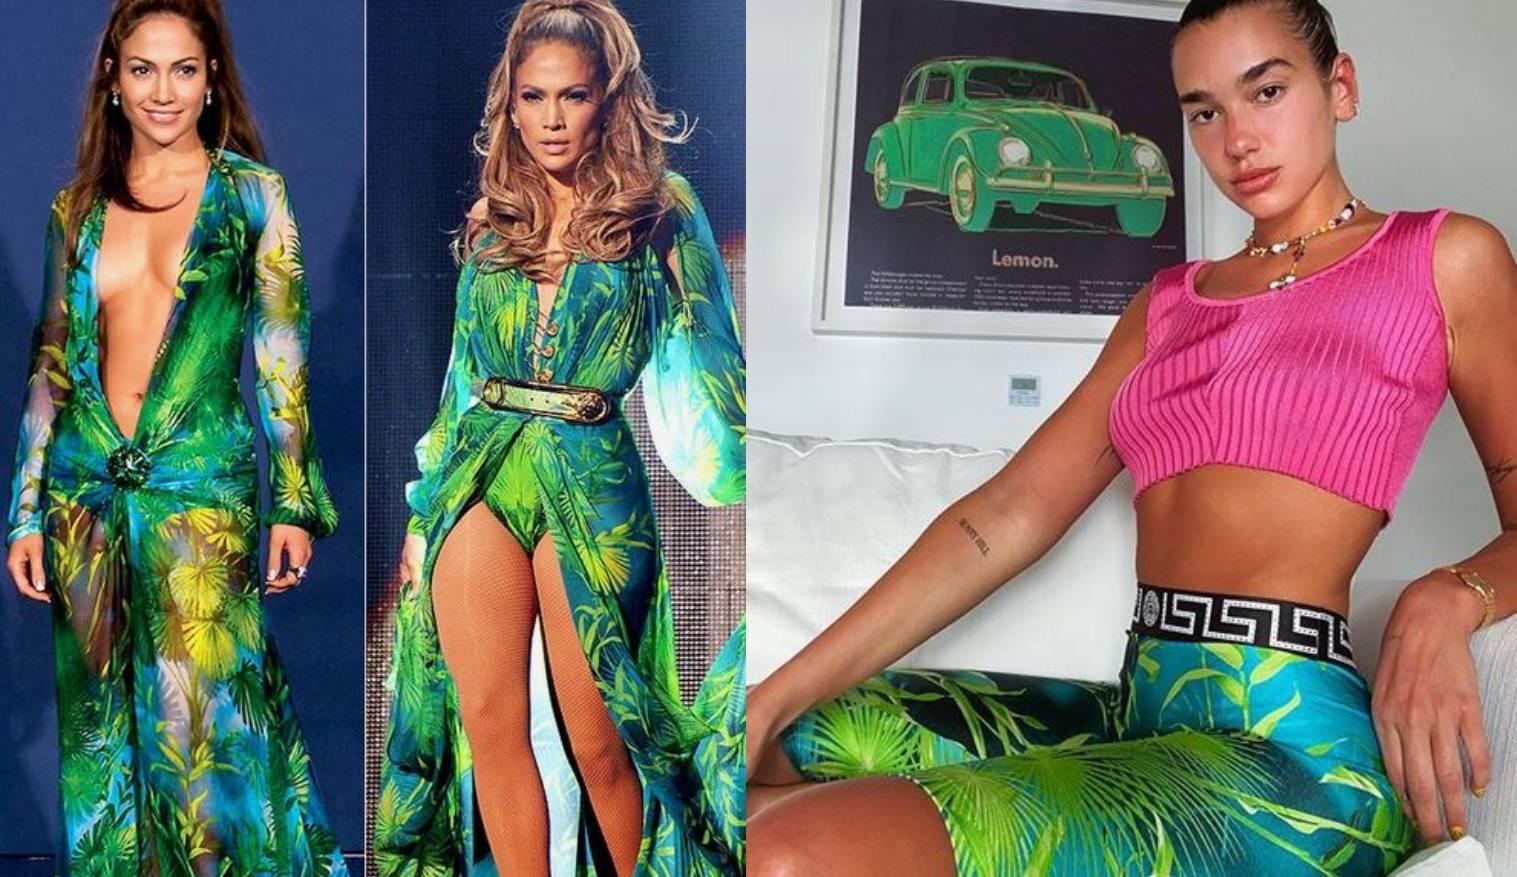 Pjevačice Dua Lipa i J. Lopez obožavaju slavni tropski uzorak